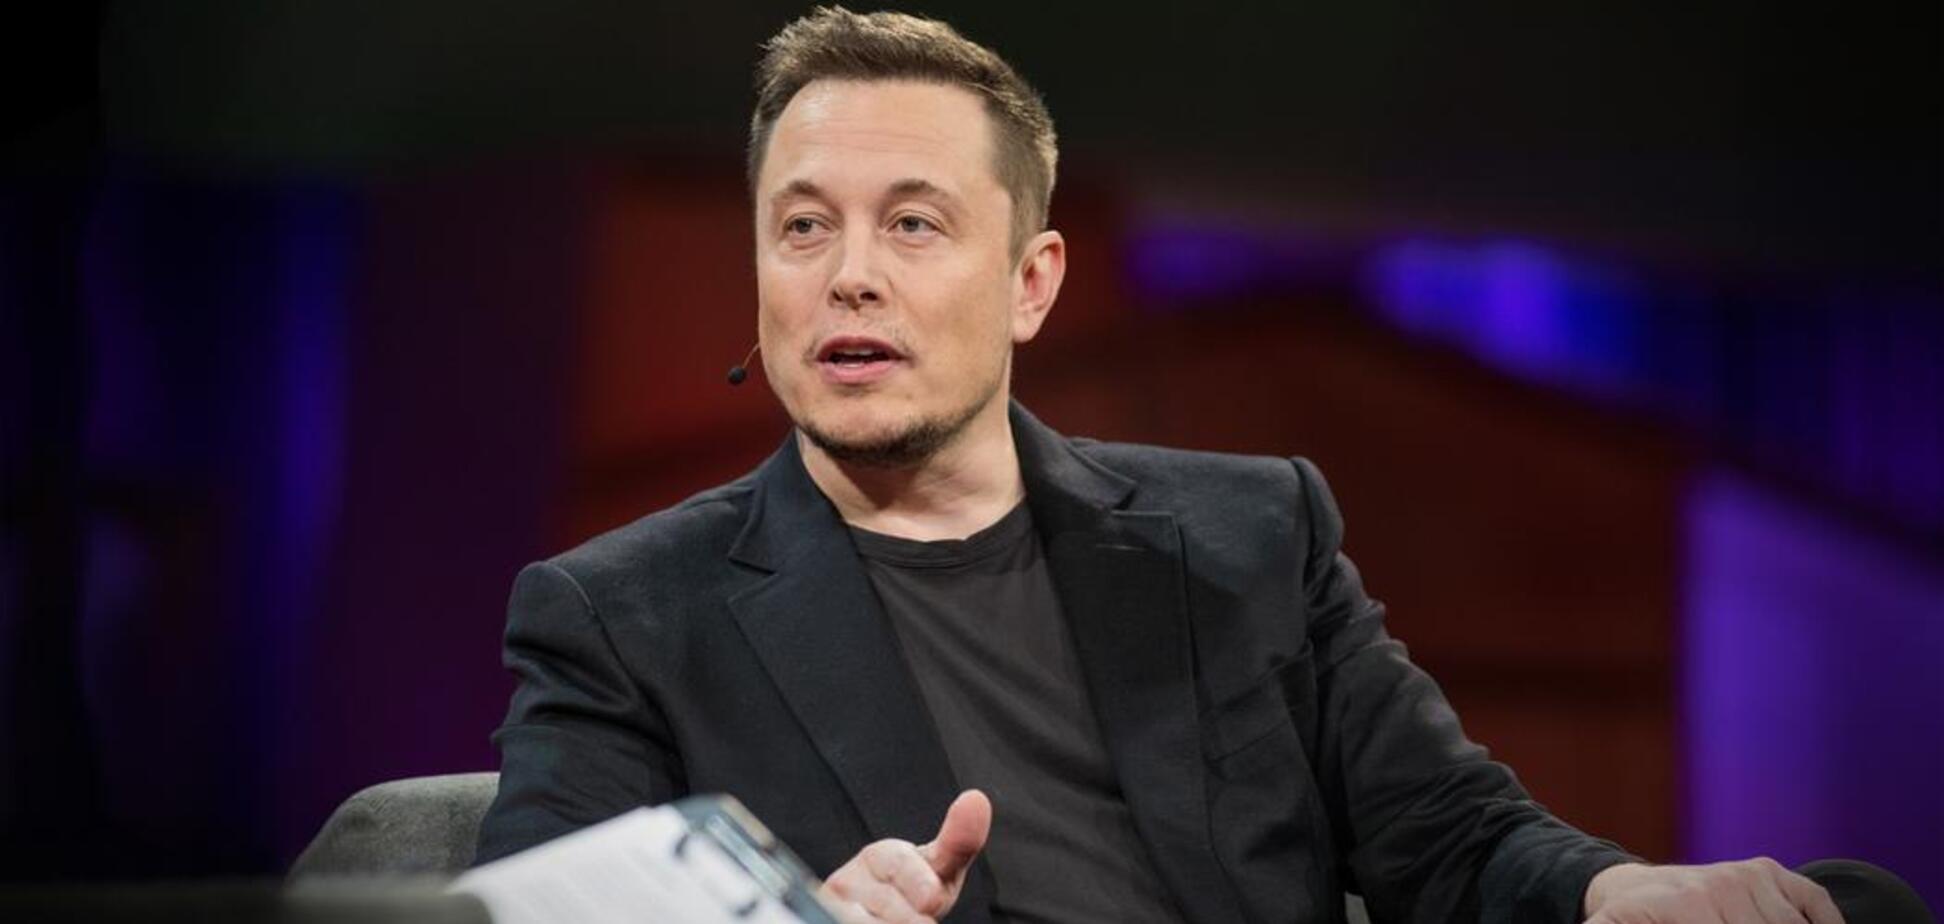 Илон Маск раскрыл детали тайного бизнеса и показал 'самый безопасный огнемет в мире'